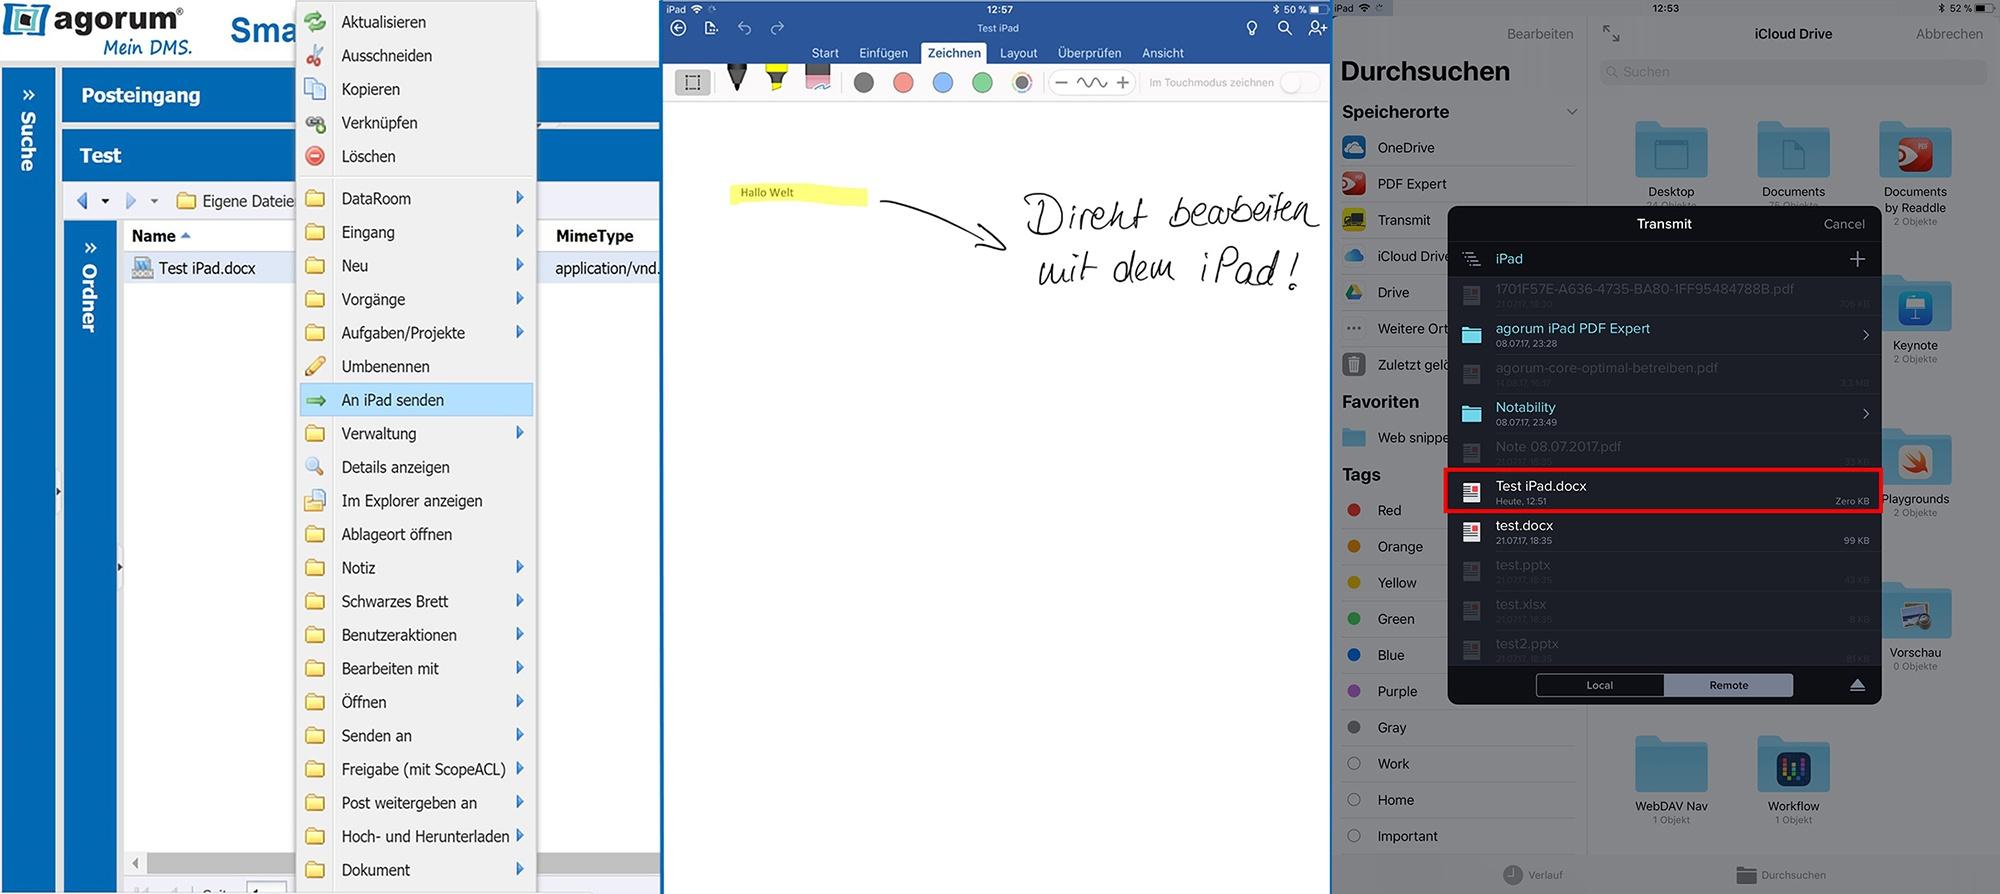 Dokument an iPad senden, bearbeiten und via Transmit speichern